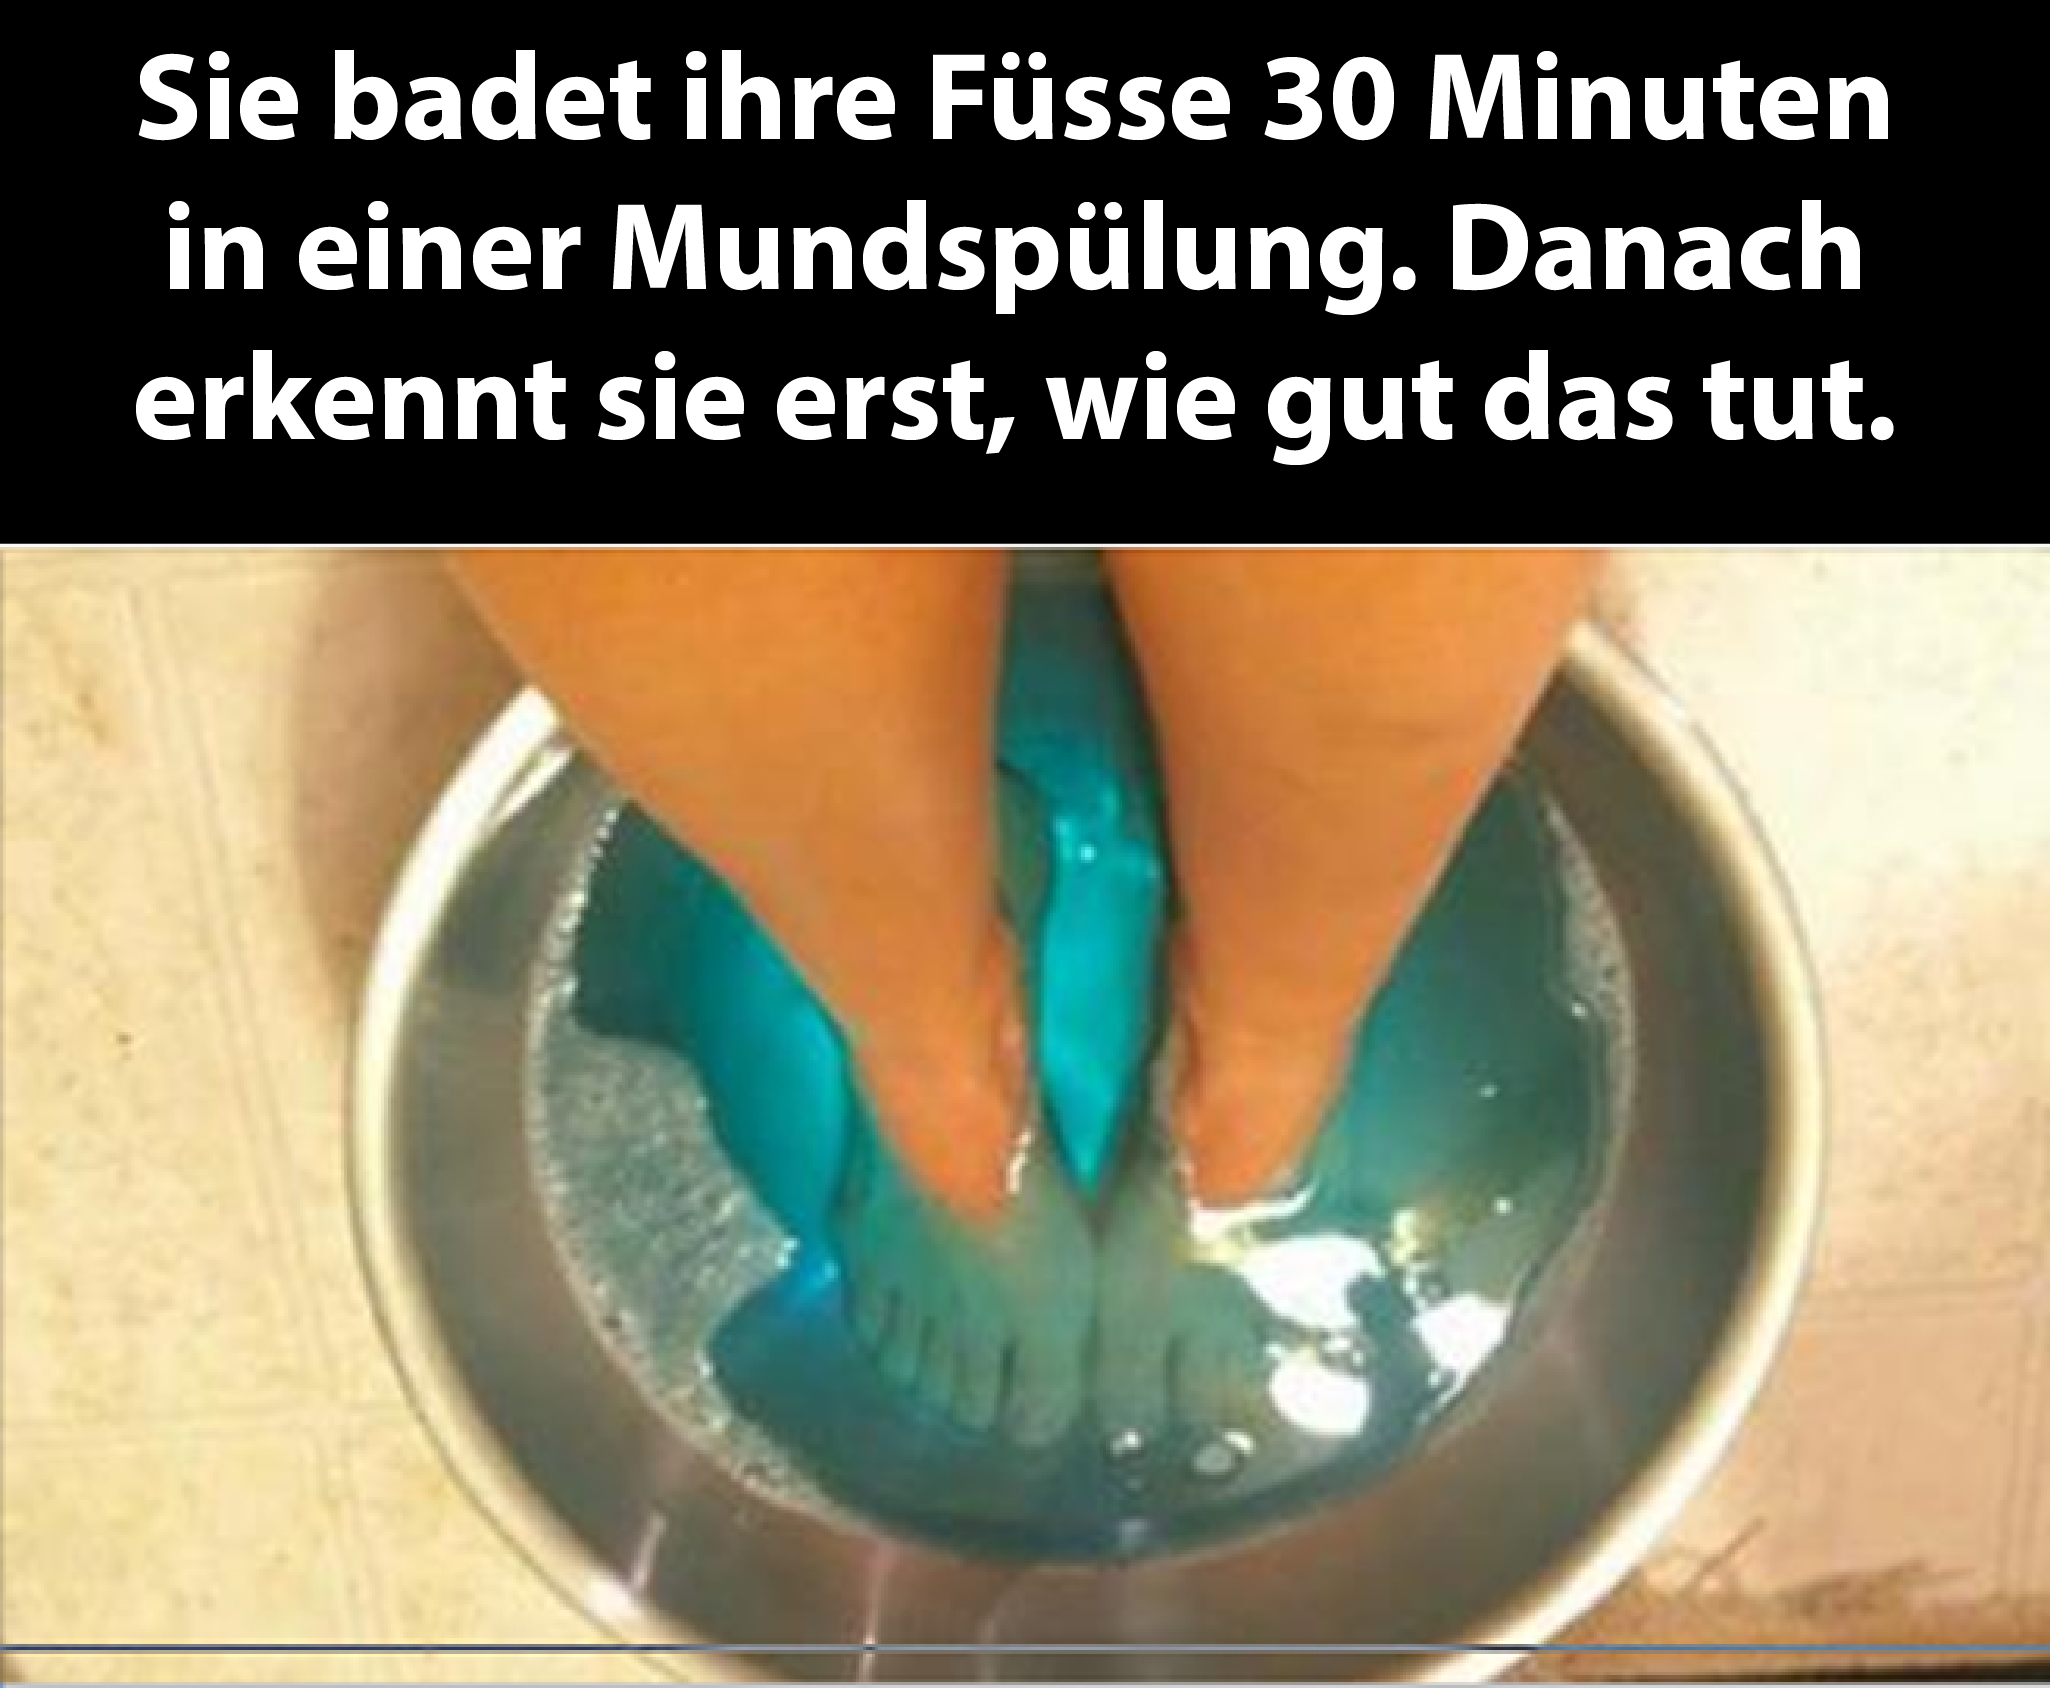 Sie badet ihre Füsse 30 Minuten in einer Mundspülung. Danach erkennt sie erst, wie gut das tut.